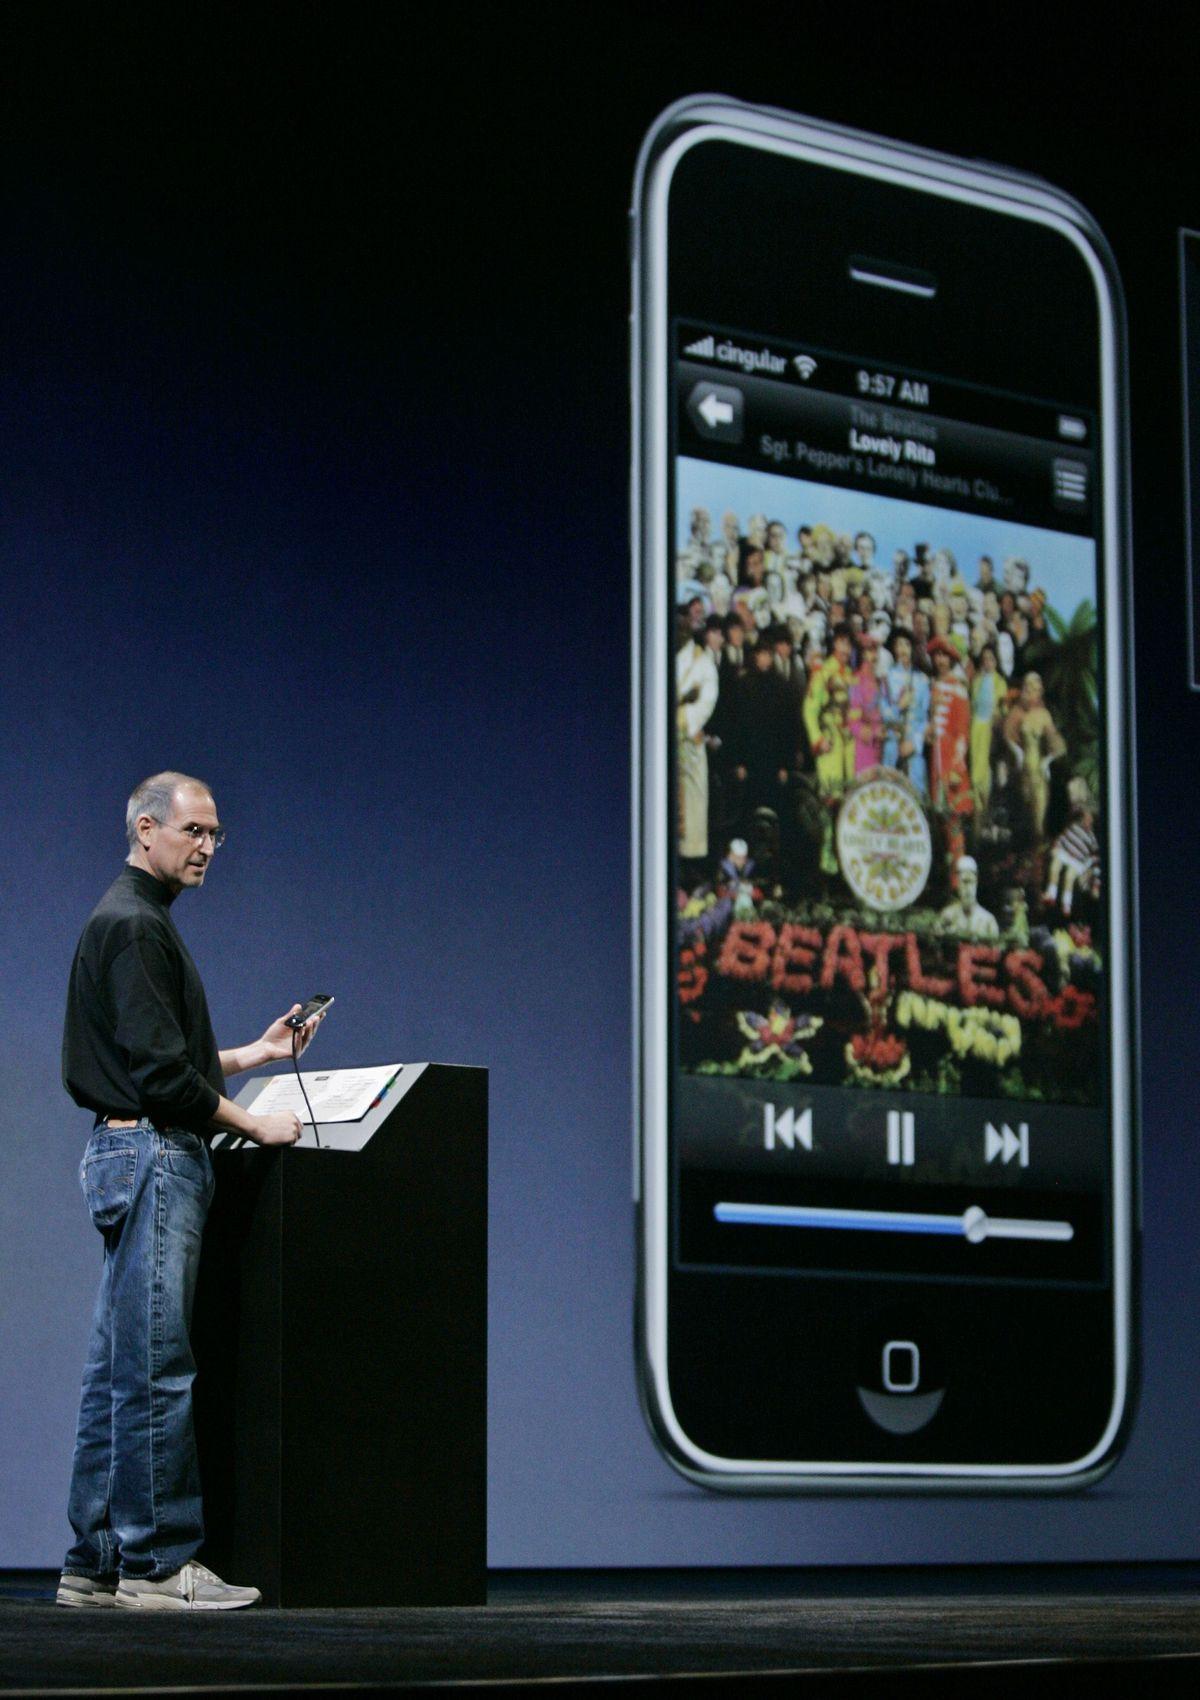 Ngày 9/1/2007, Apple đã đánh lừa cả khán phòng và điều đó đã giúp thay đổi cả thế giới